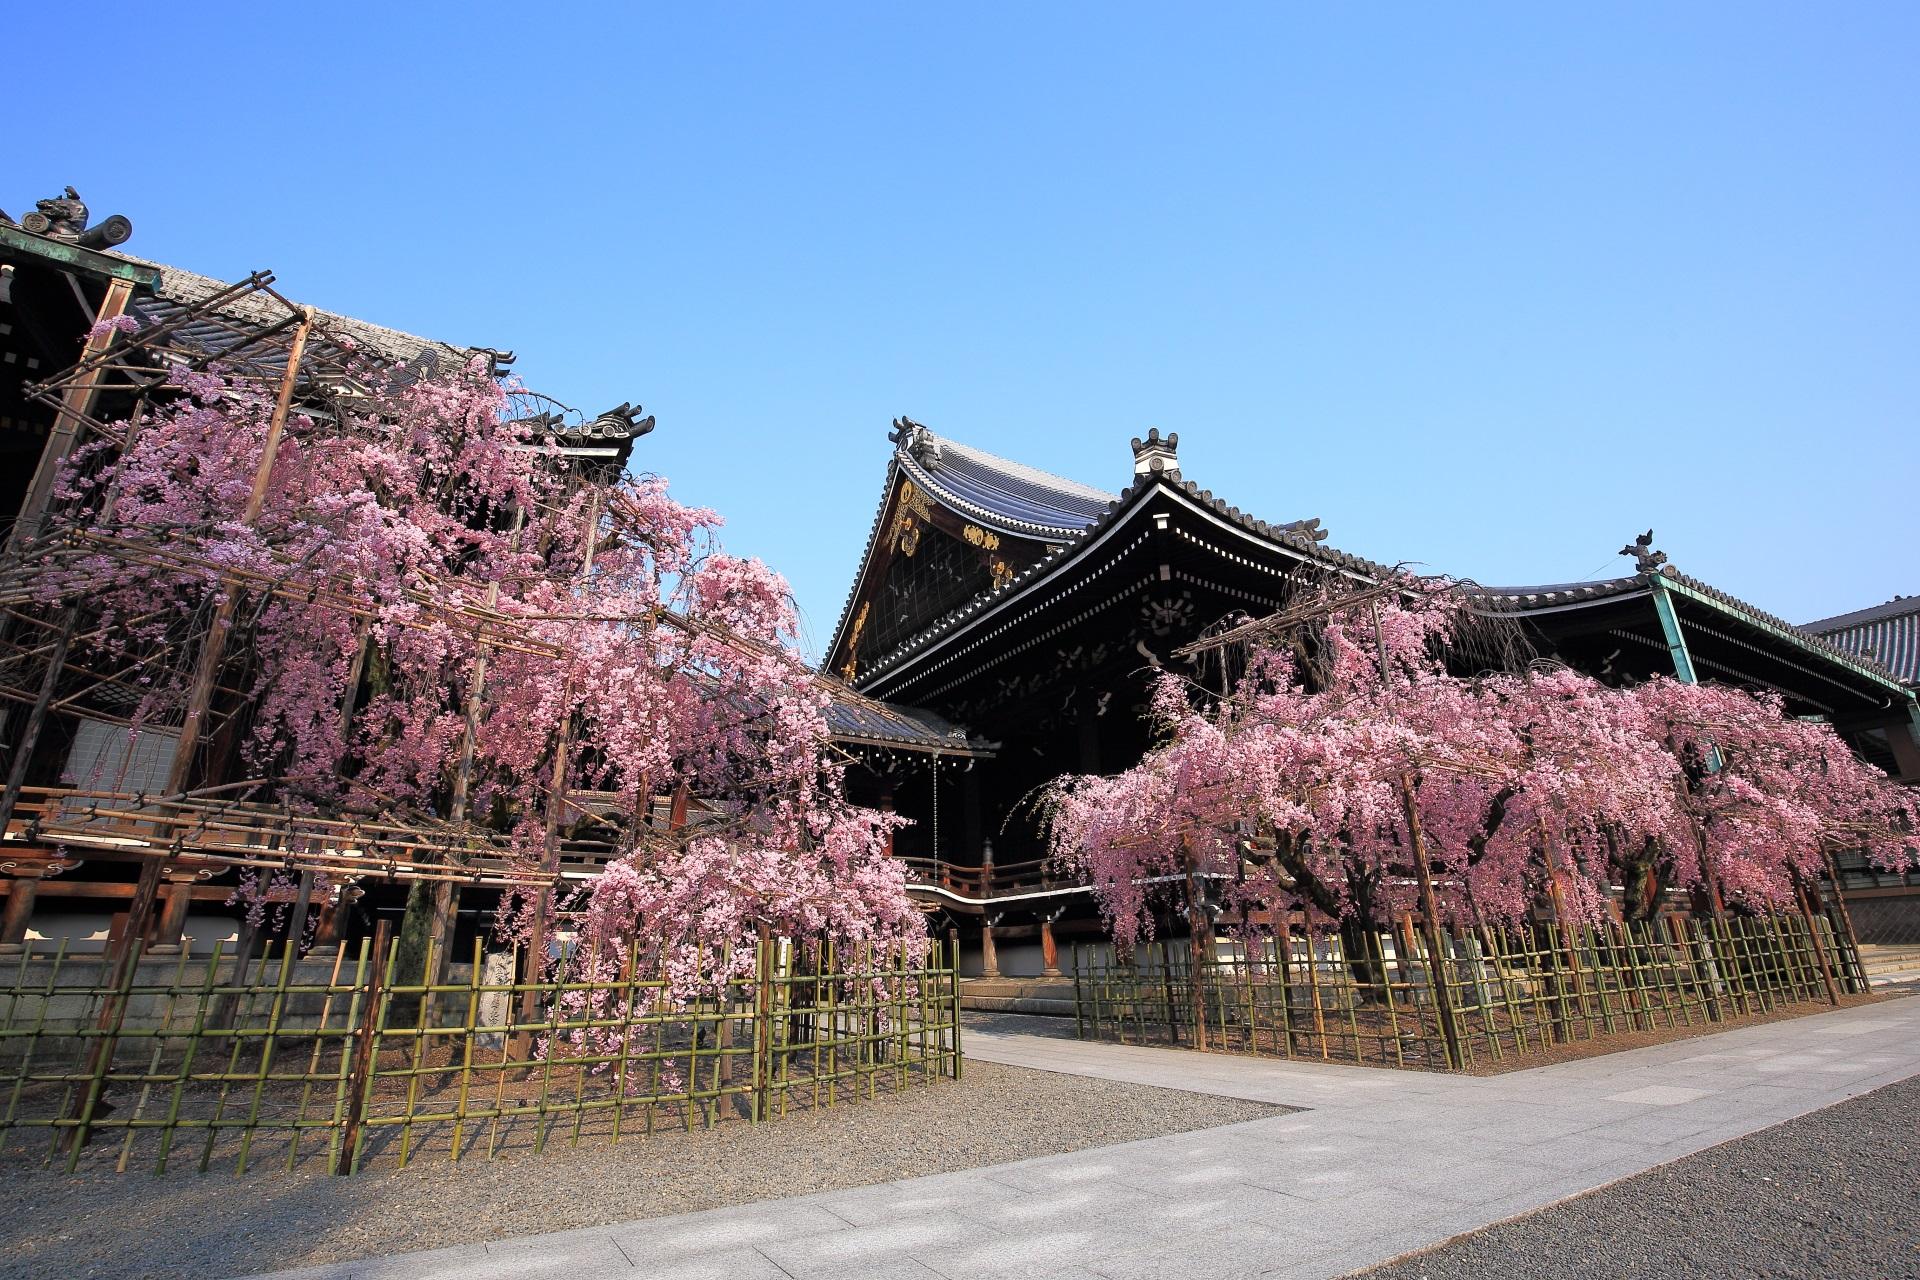 雲一つない爽快な青空の下のしだれ桜